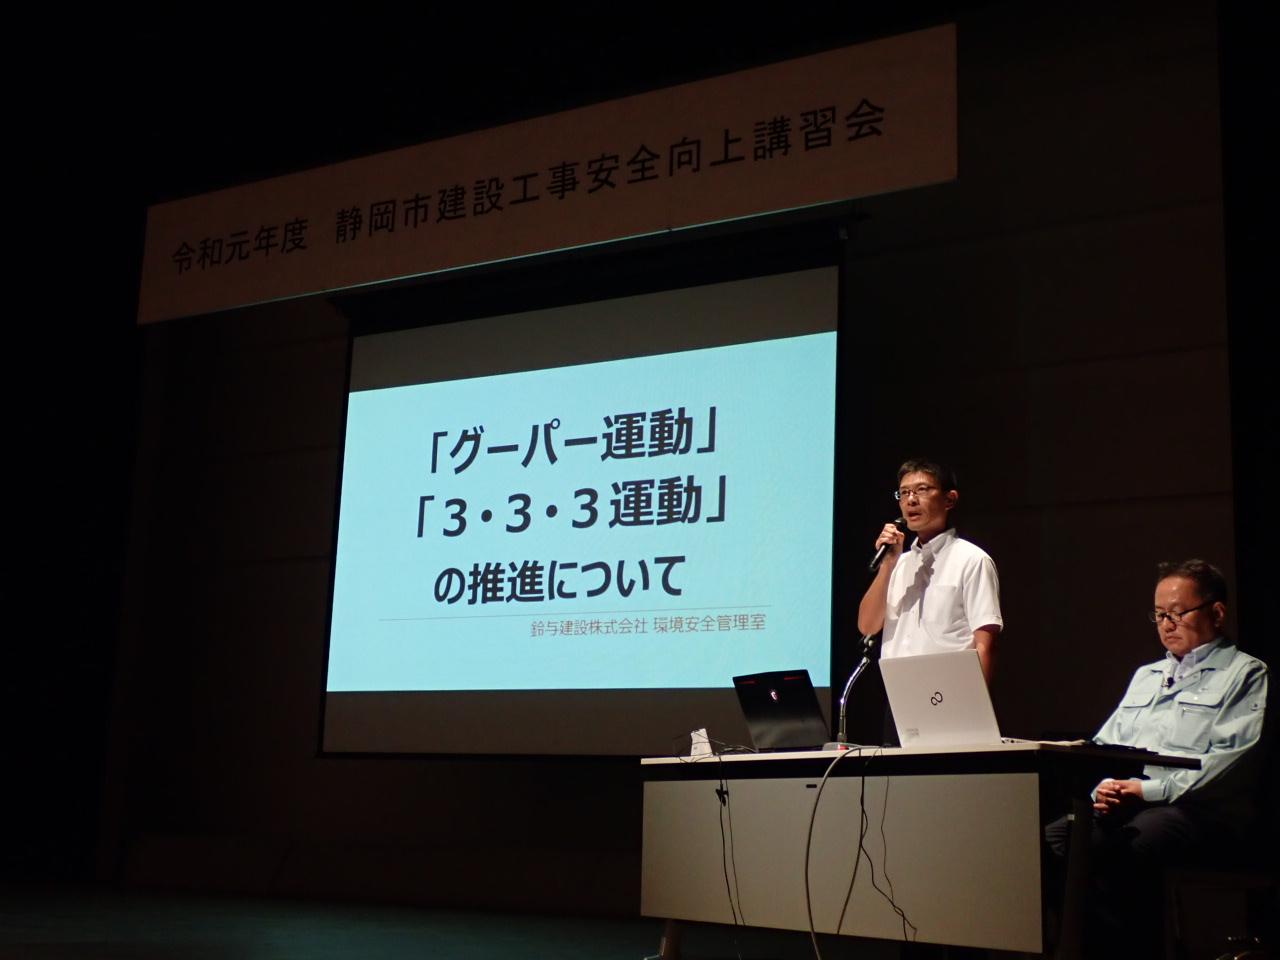 令和元年度 静岡市建設工事安全向上講習会にて当社安全管理運動について紹介いたしました